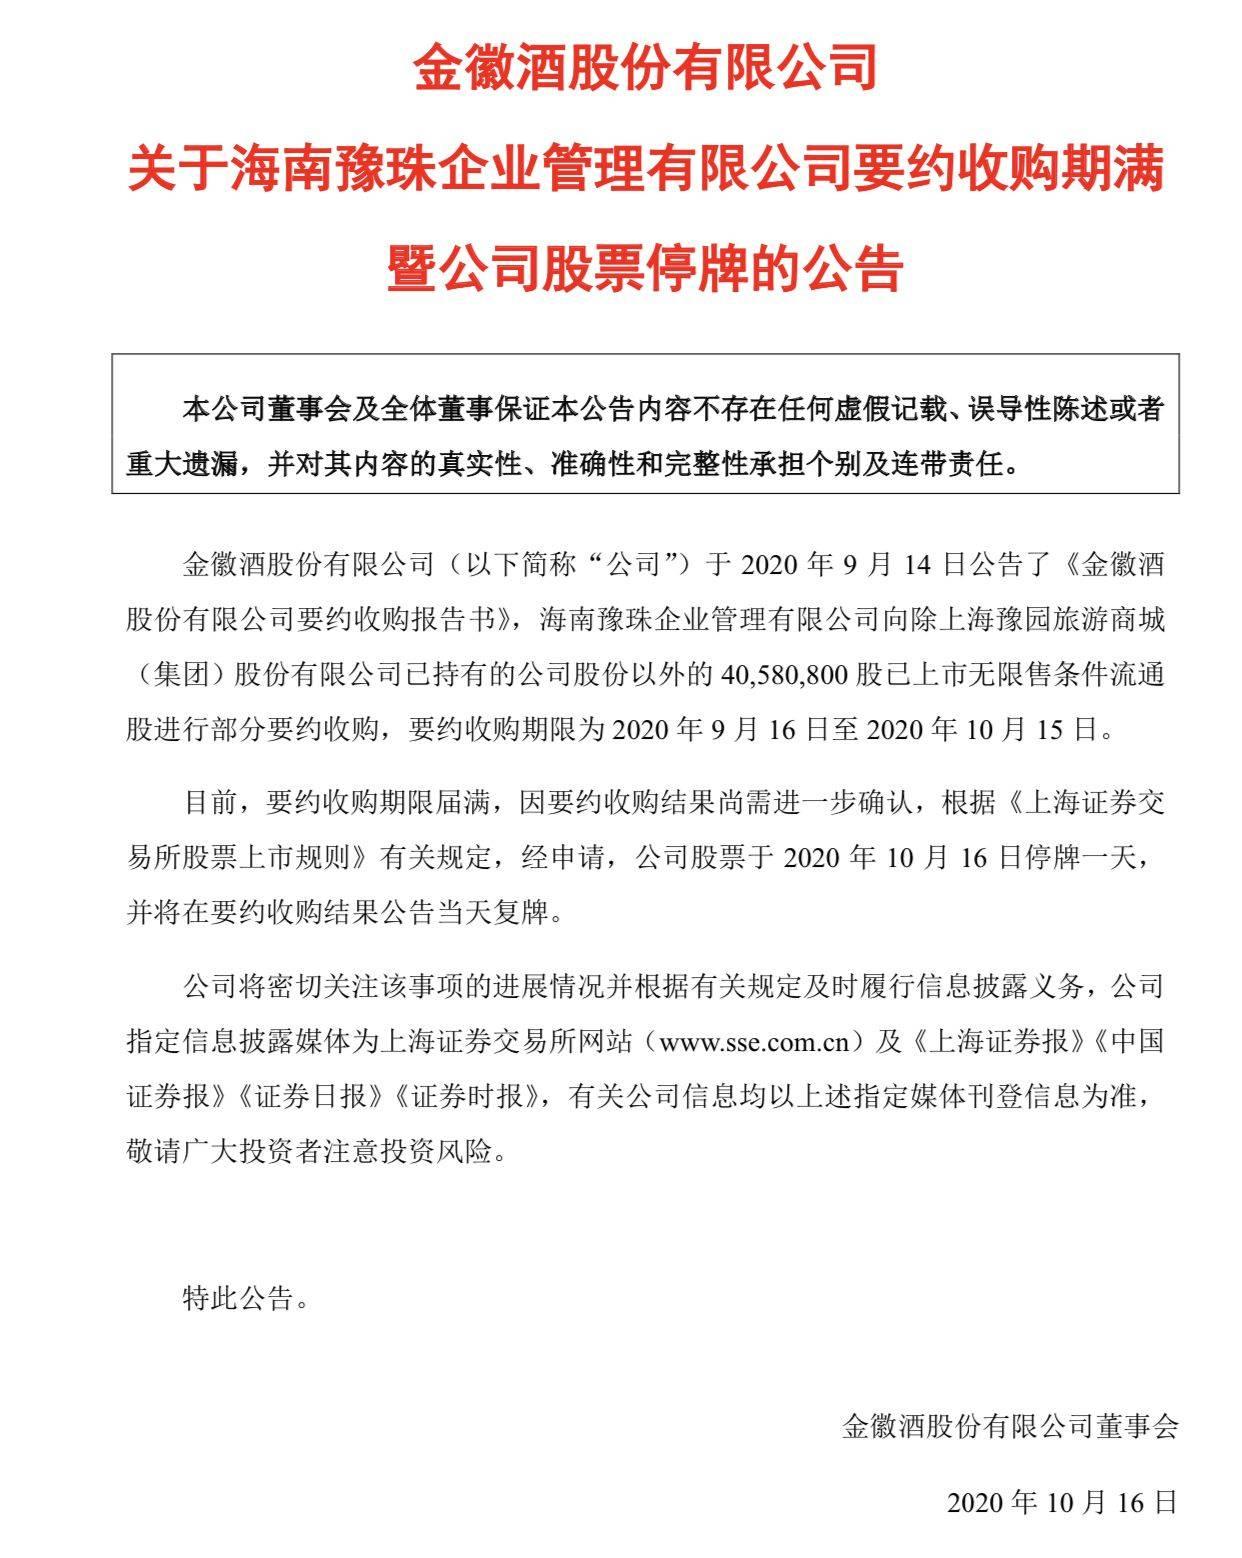 金徽酒:海南豫珠要约收购期满,股票明日停牌